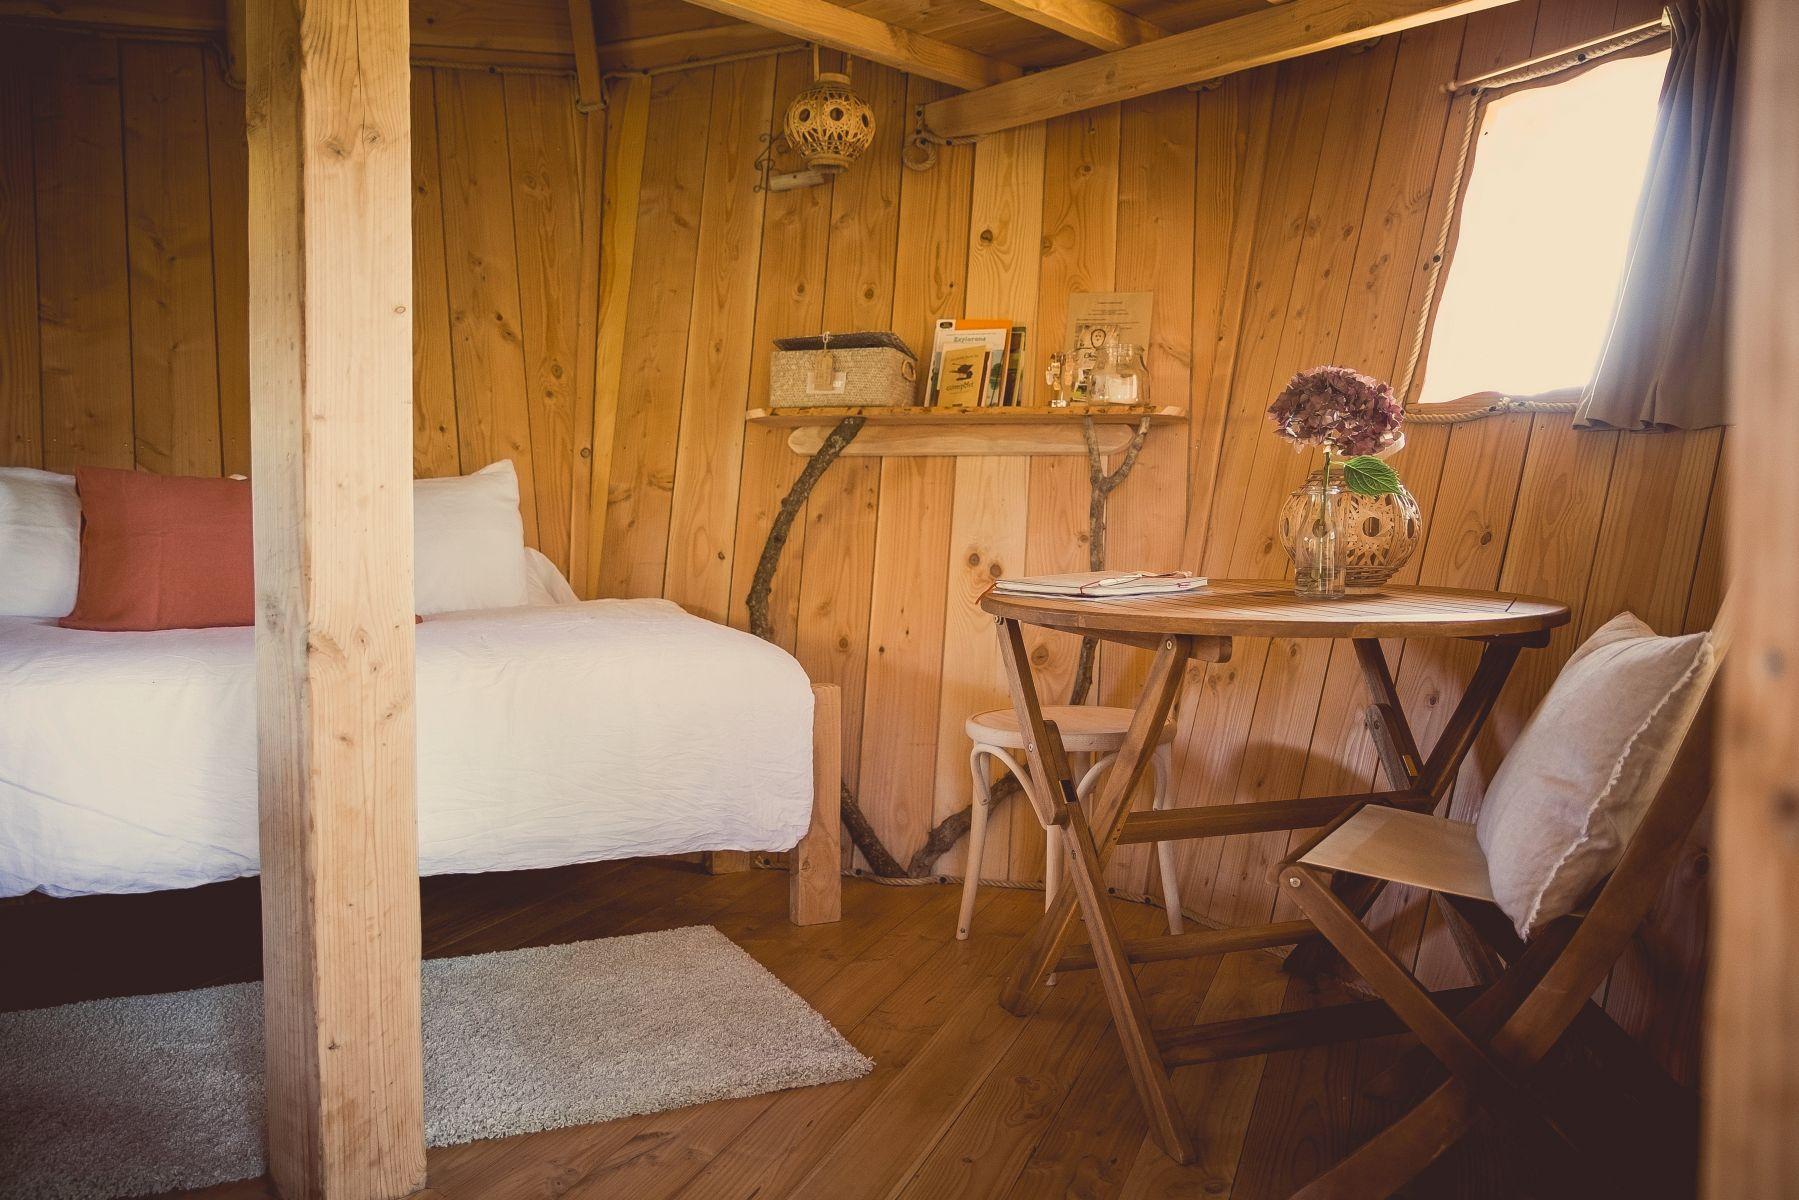 Cabane de france